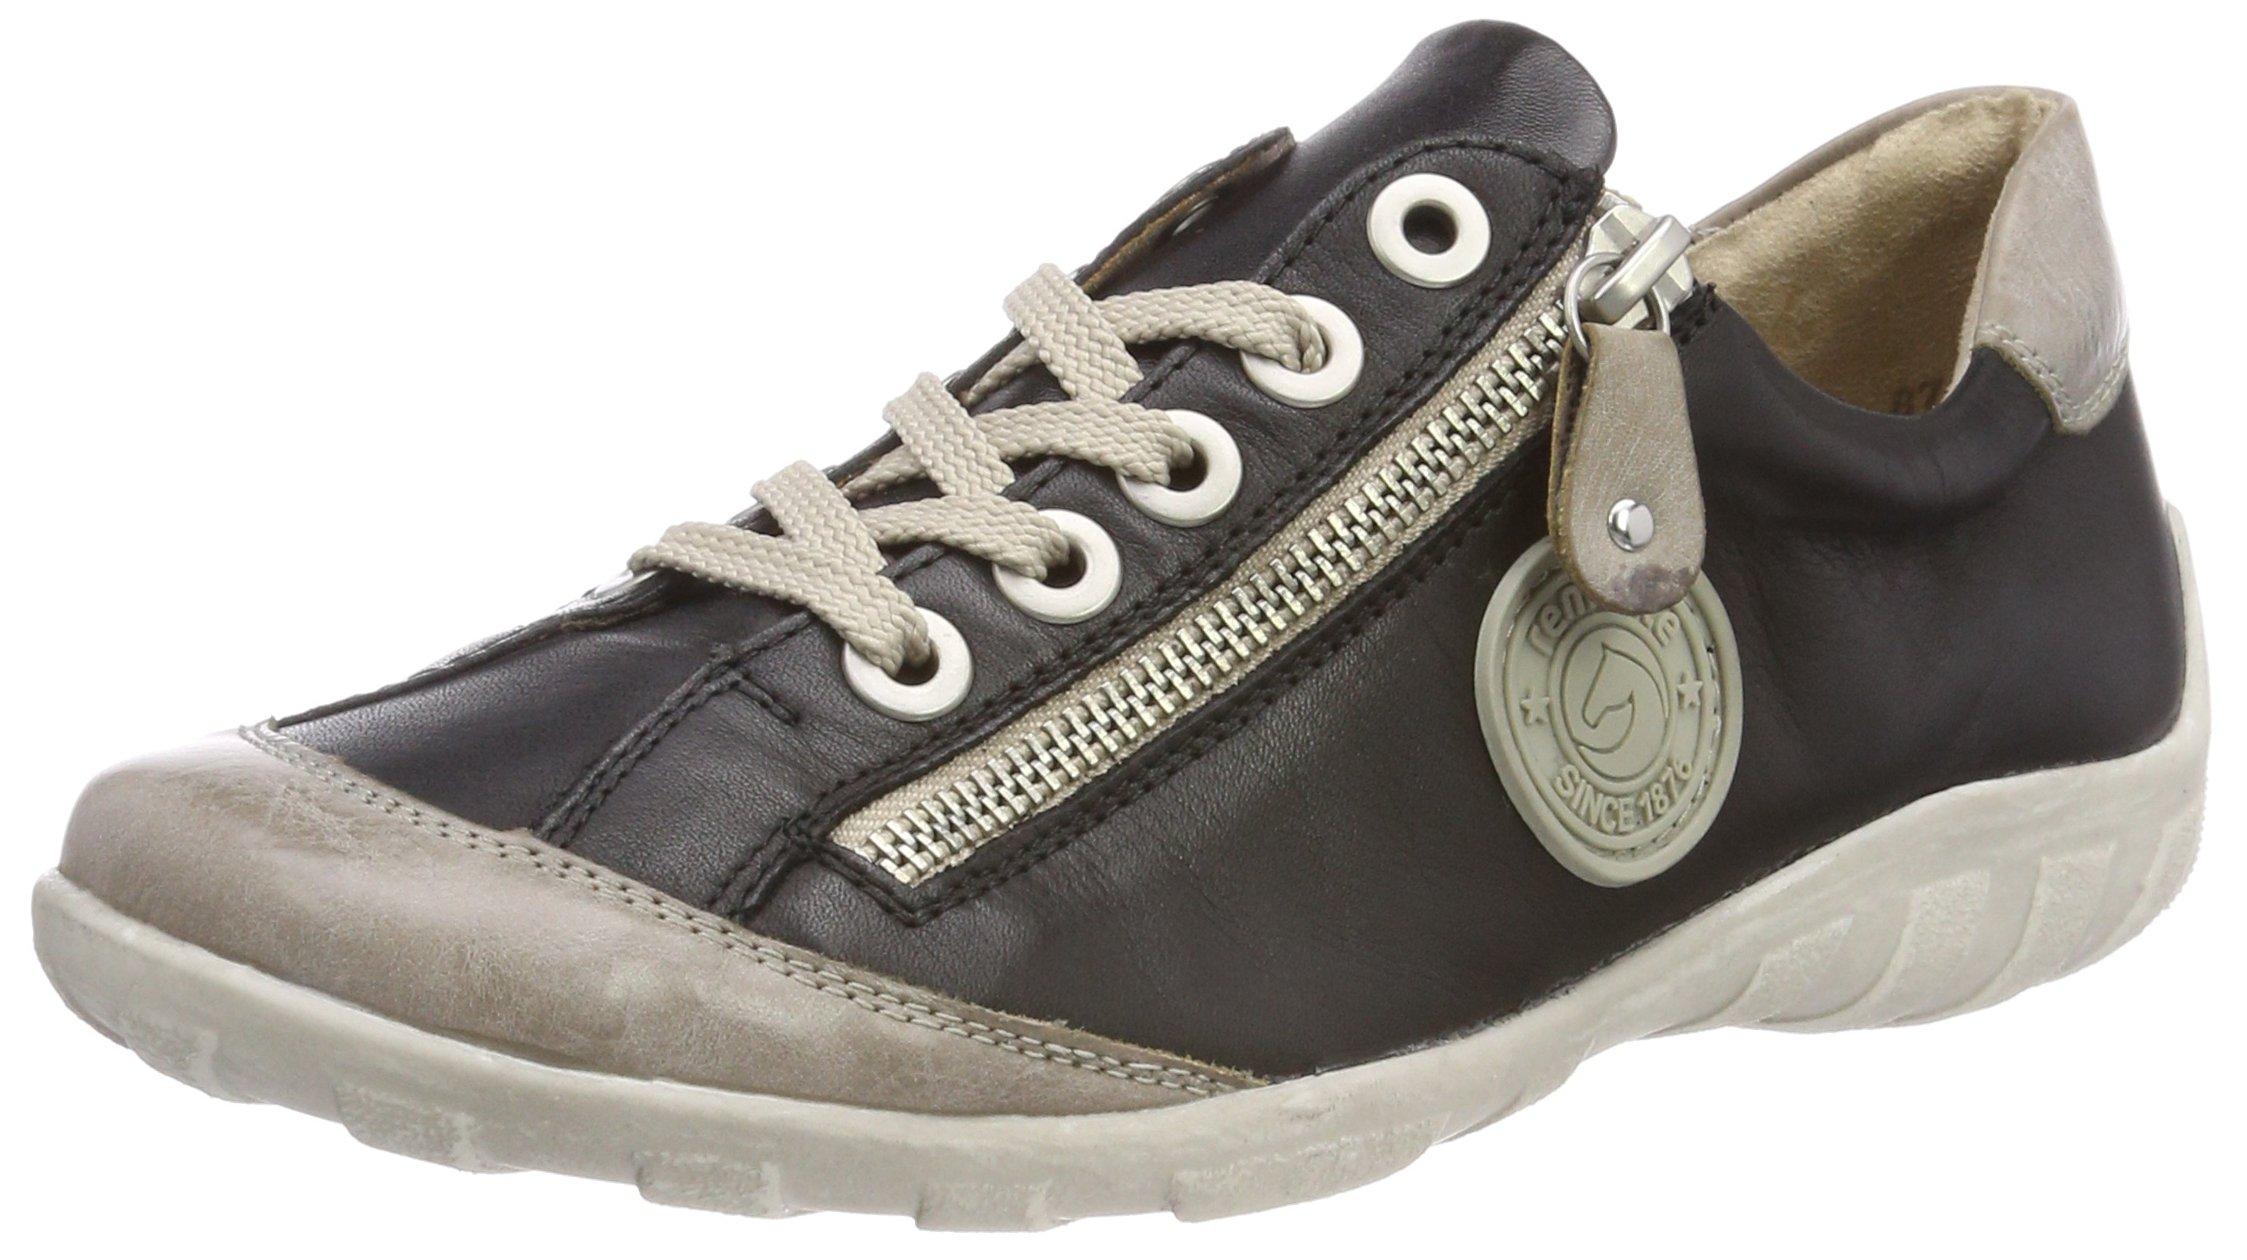 FemmeNoirsteel Eu R3443Sneakers Basses Remonte Schwarz44 thsQxBrCod